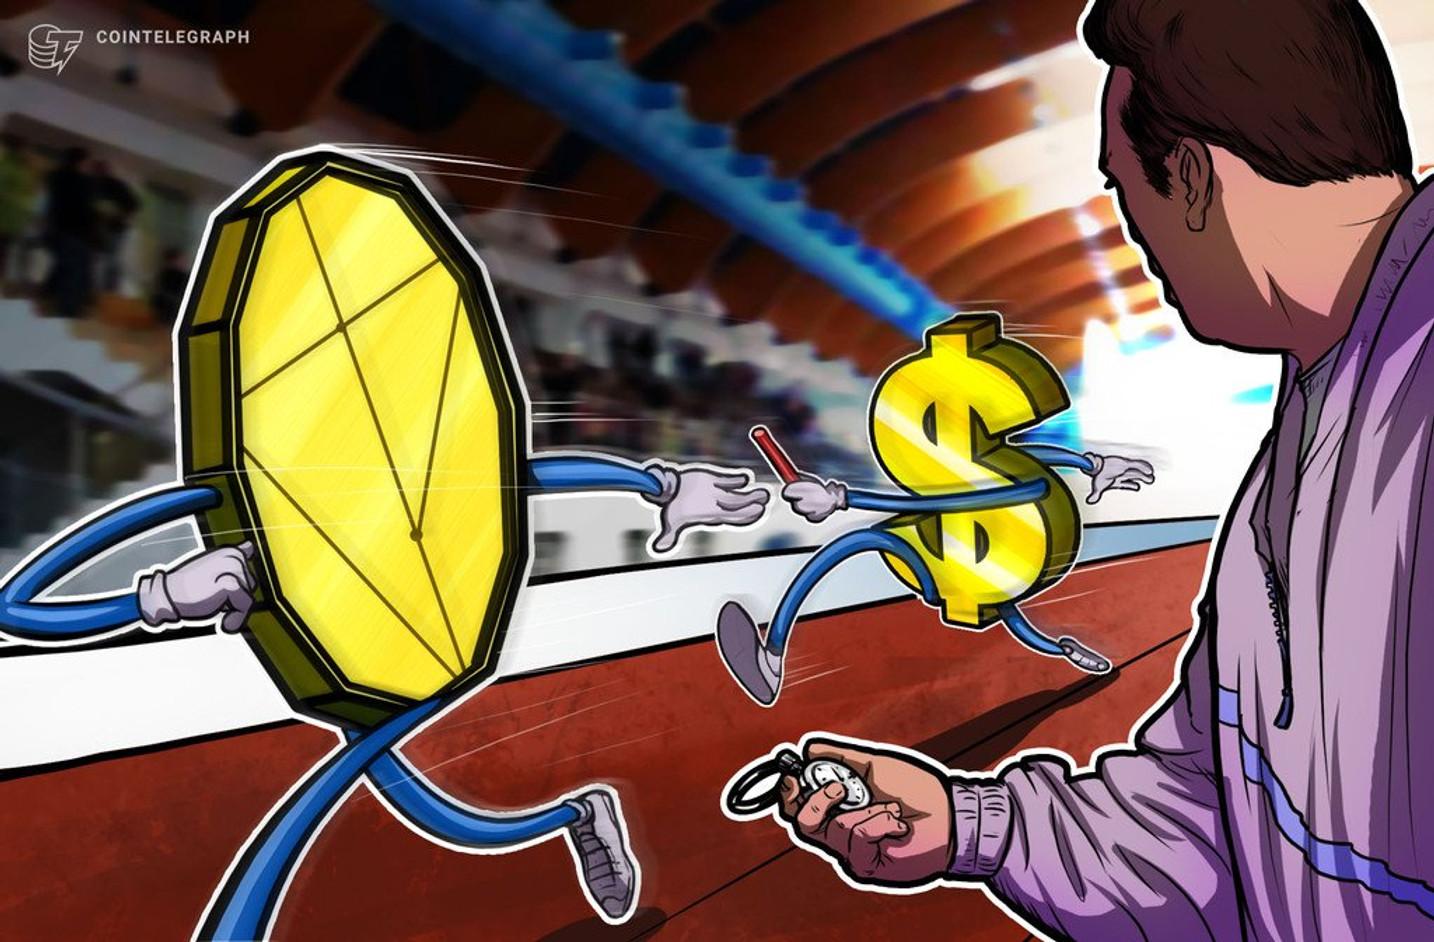 Los Picapiedra vs Bitcoin: ¿Cuál es el mejor sistema?